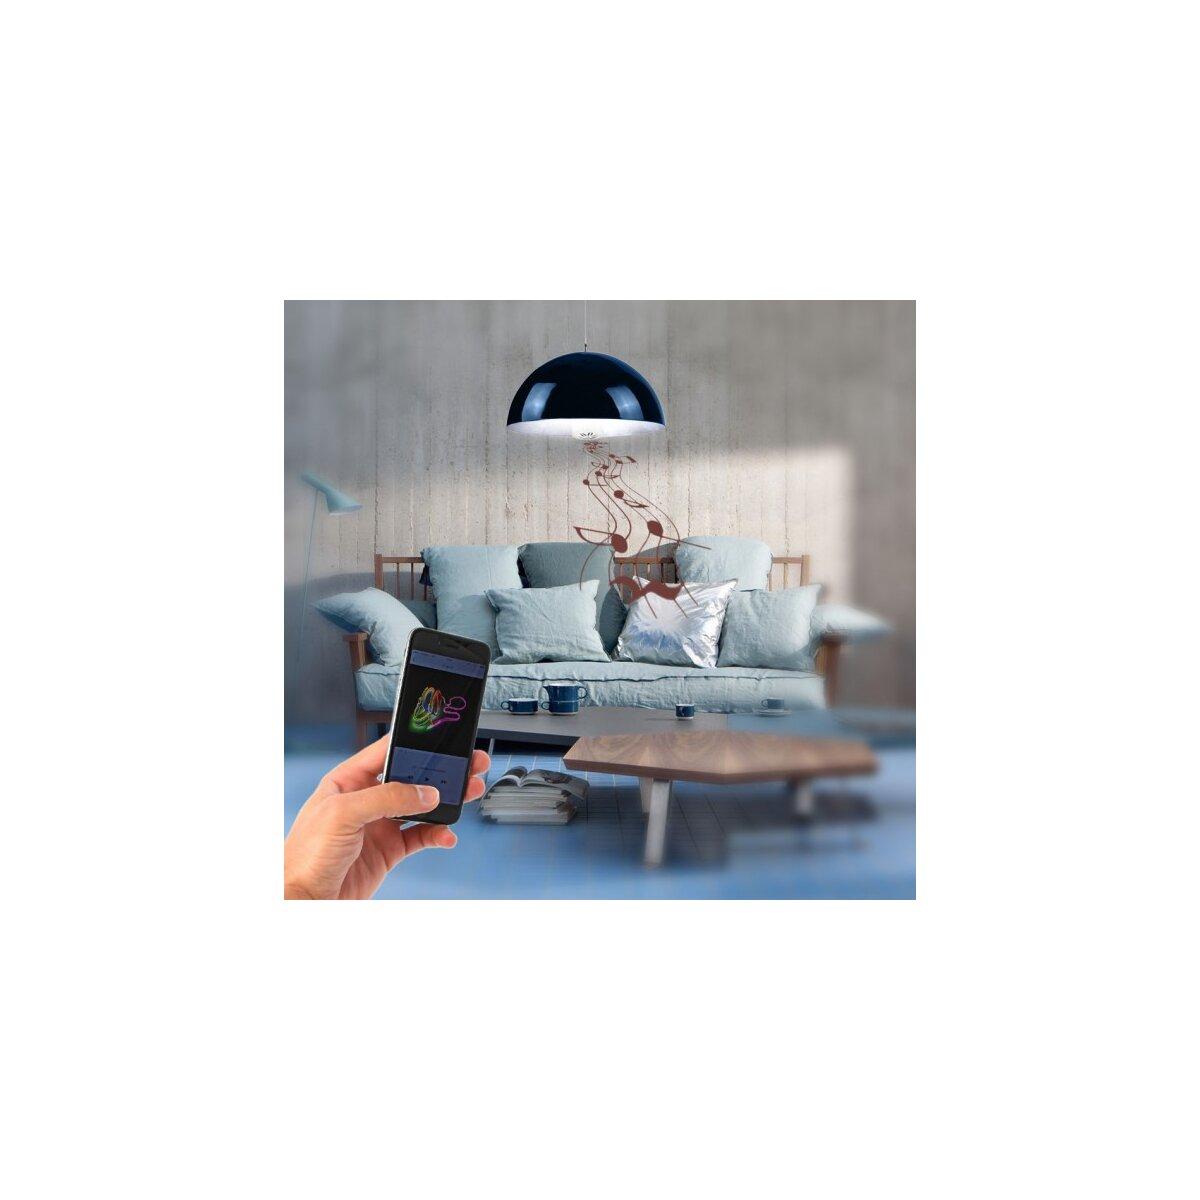 Minadax® LED Lampe mit Bluetooth Lautsprecher ca. 15m Reichweite in Blau  E27  4,5 Watt A++  LED Kaltweiß Leuchtmittel, 400-460 Lumen